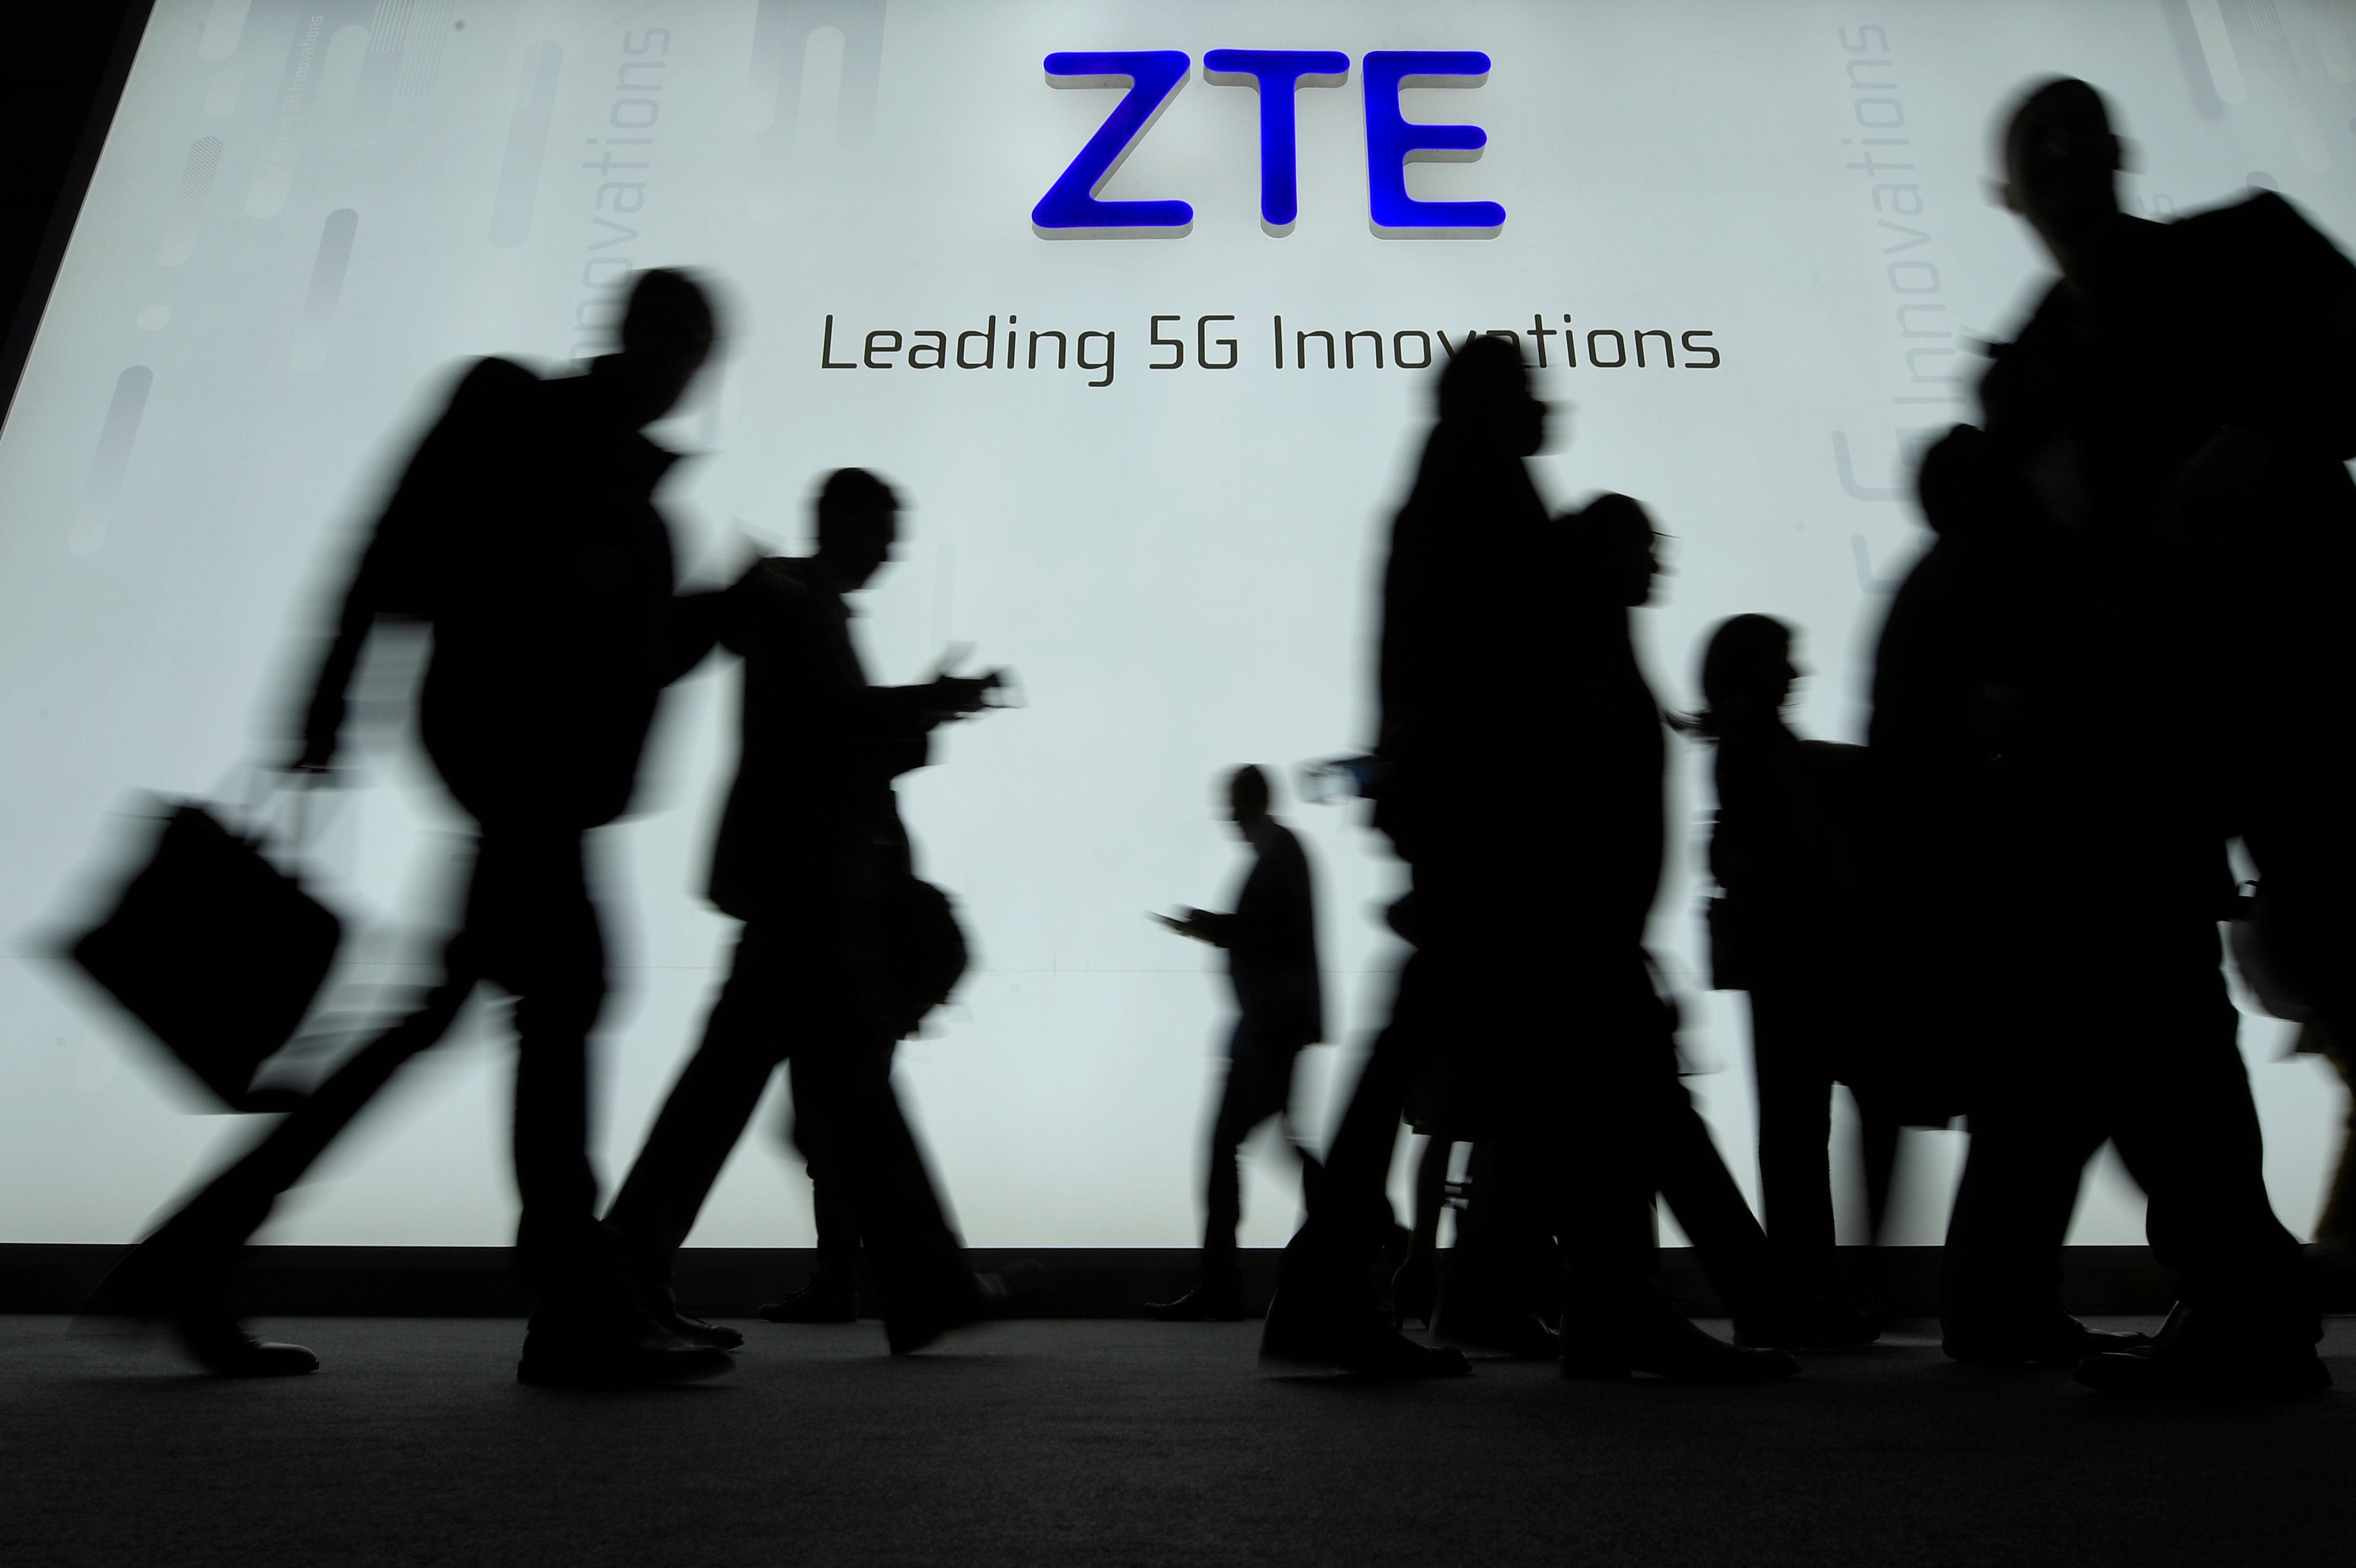 美國情報官員警告,中興通訊對美國國安構成威脅。圖為中興通訊參加世界手機大展。(Getty Images)